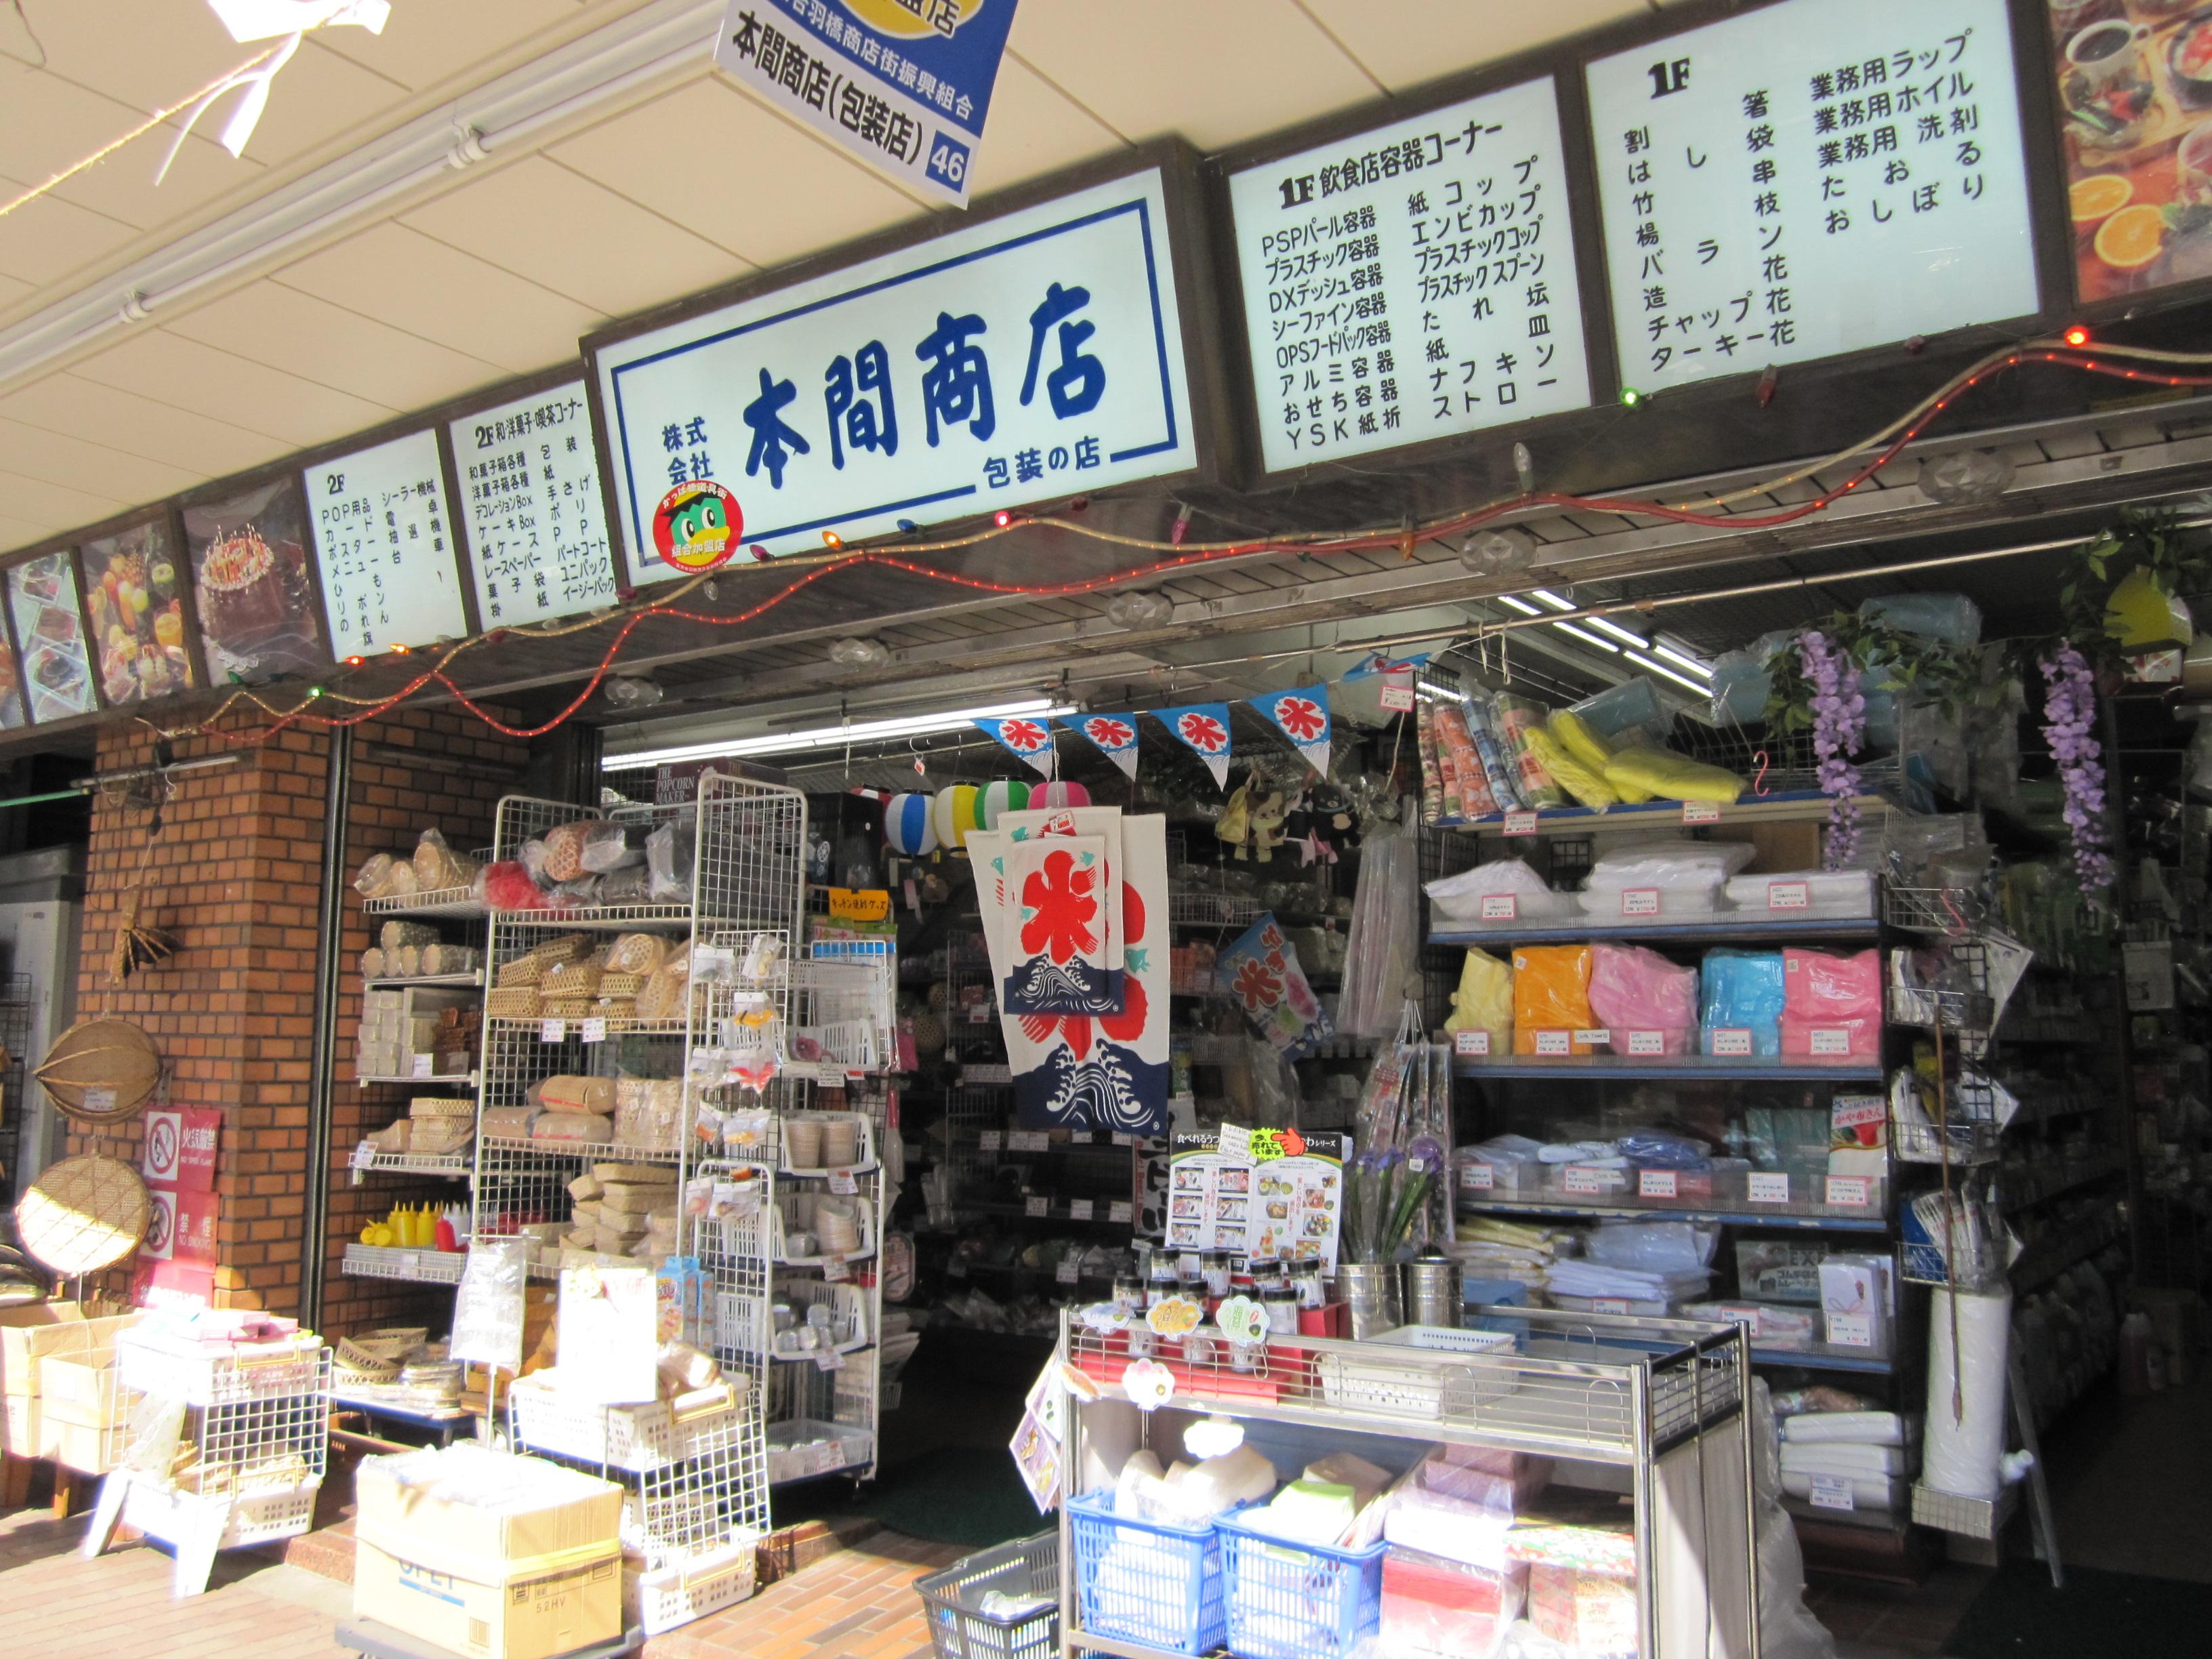 かっぱ 橋 製菓 材料